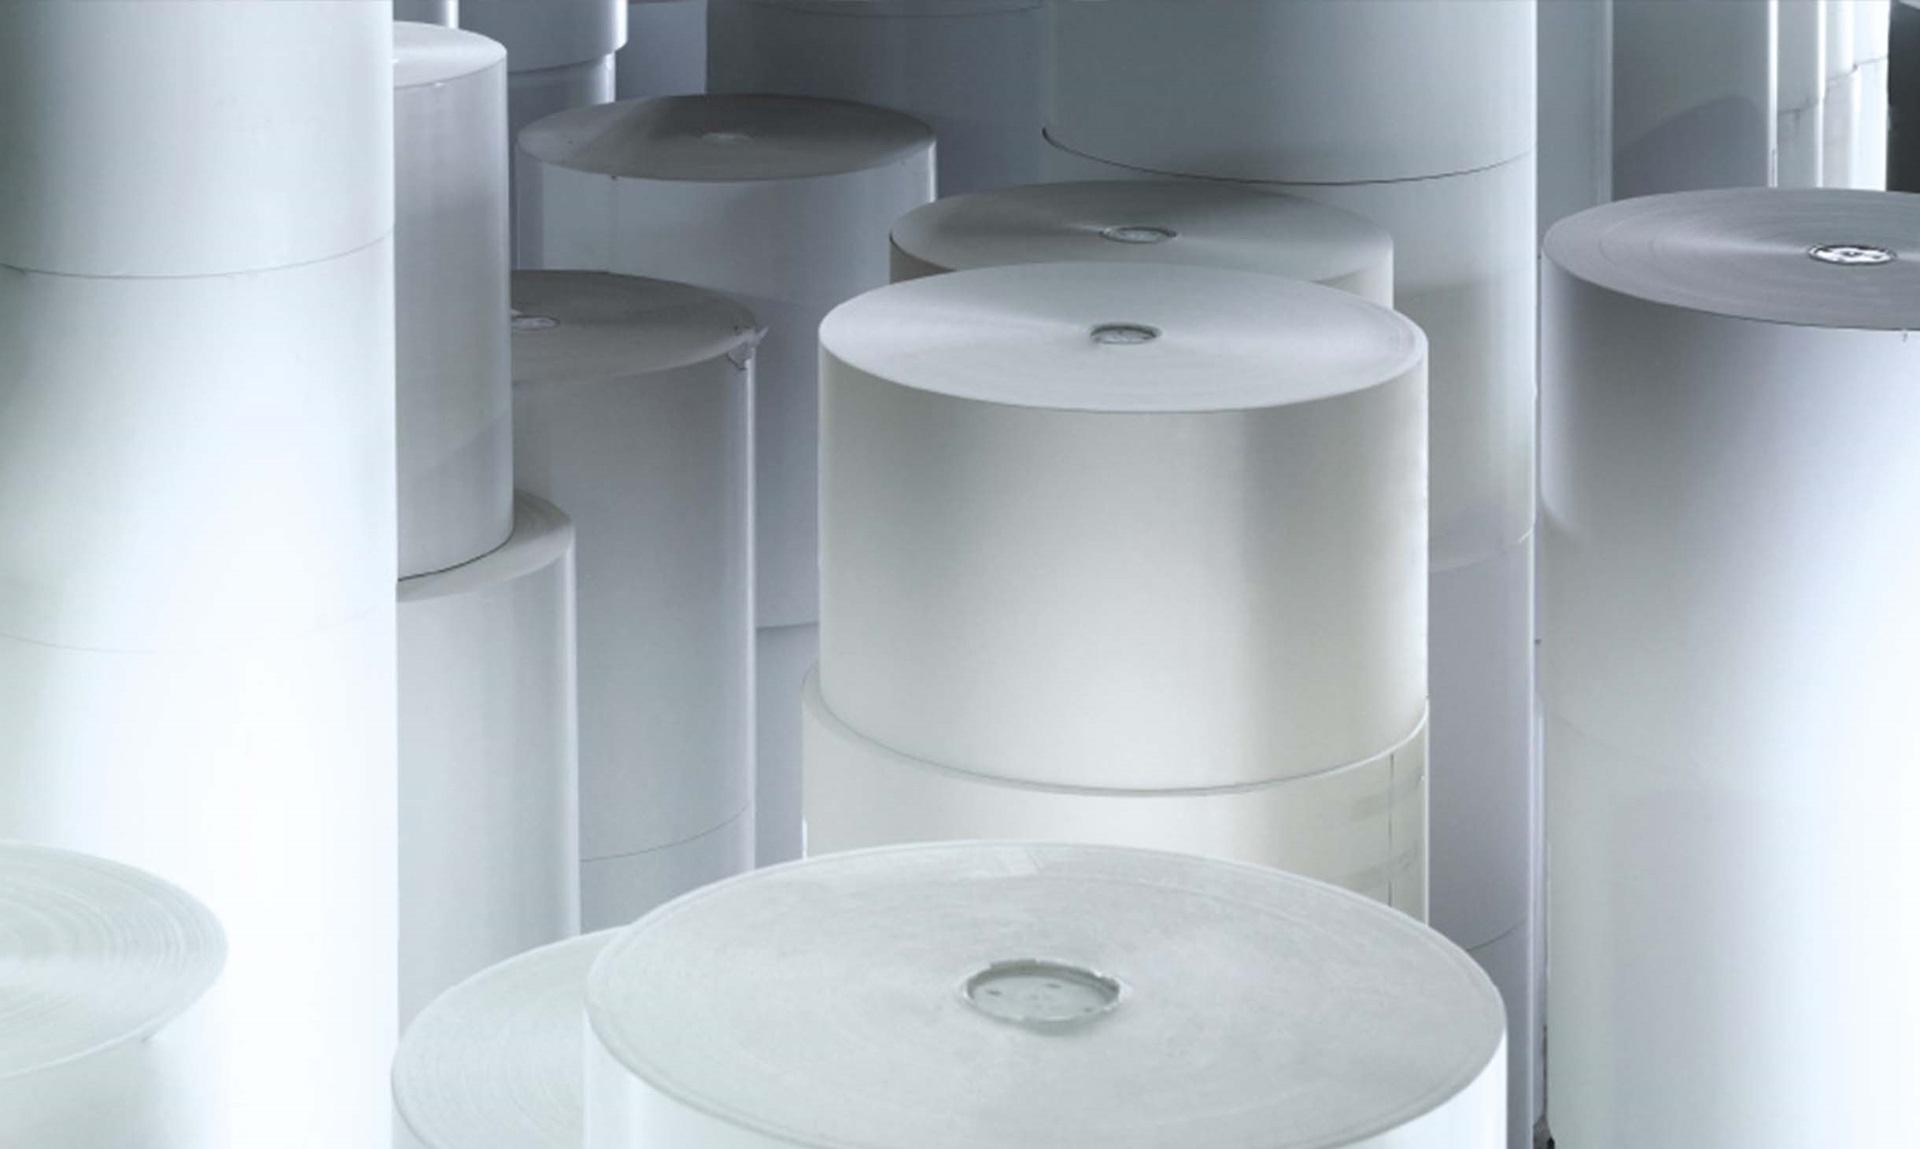 Afsluiters voor toepassingen in de papier-, karton- en recyclage-industrie